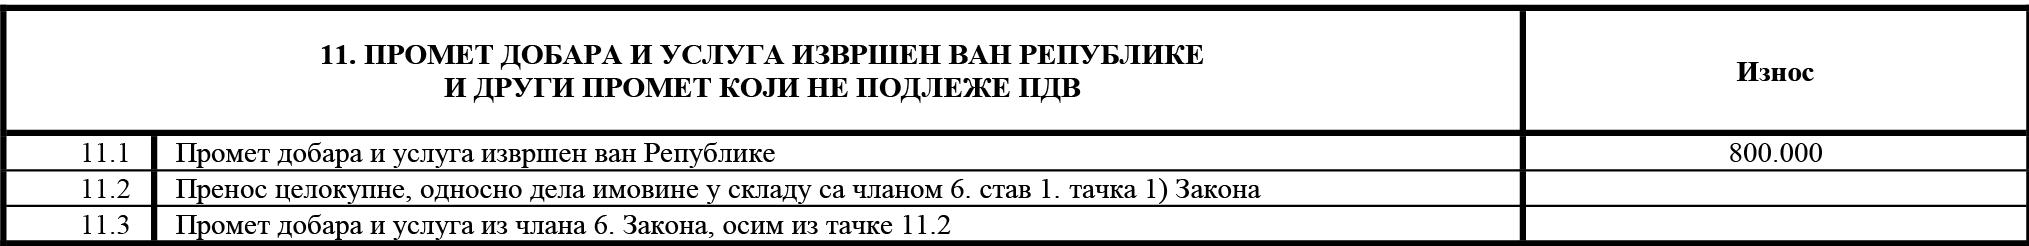 uputstvo PU obrazac POPDV primer 136